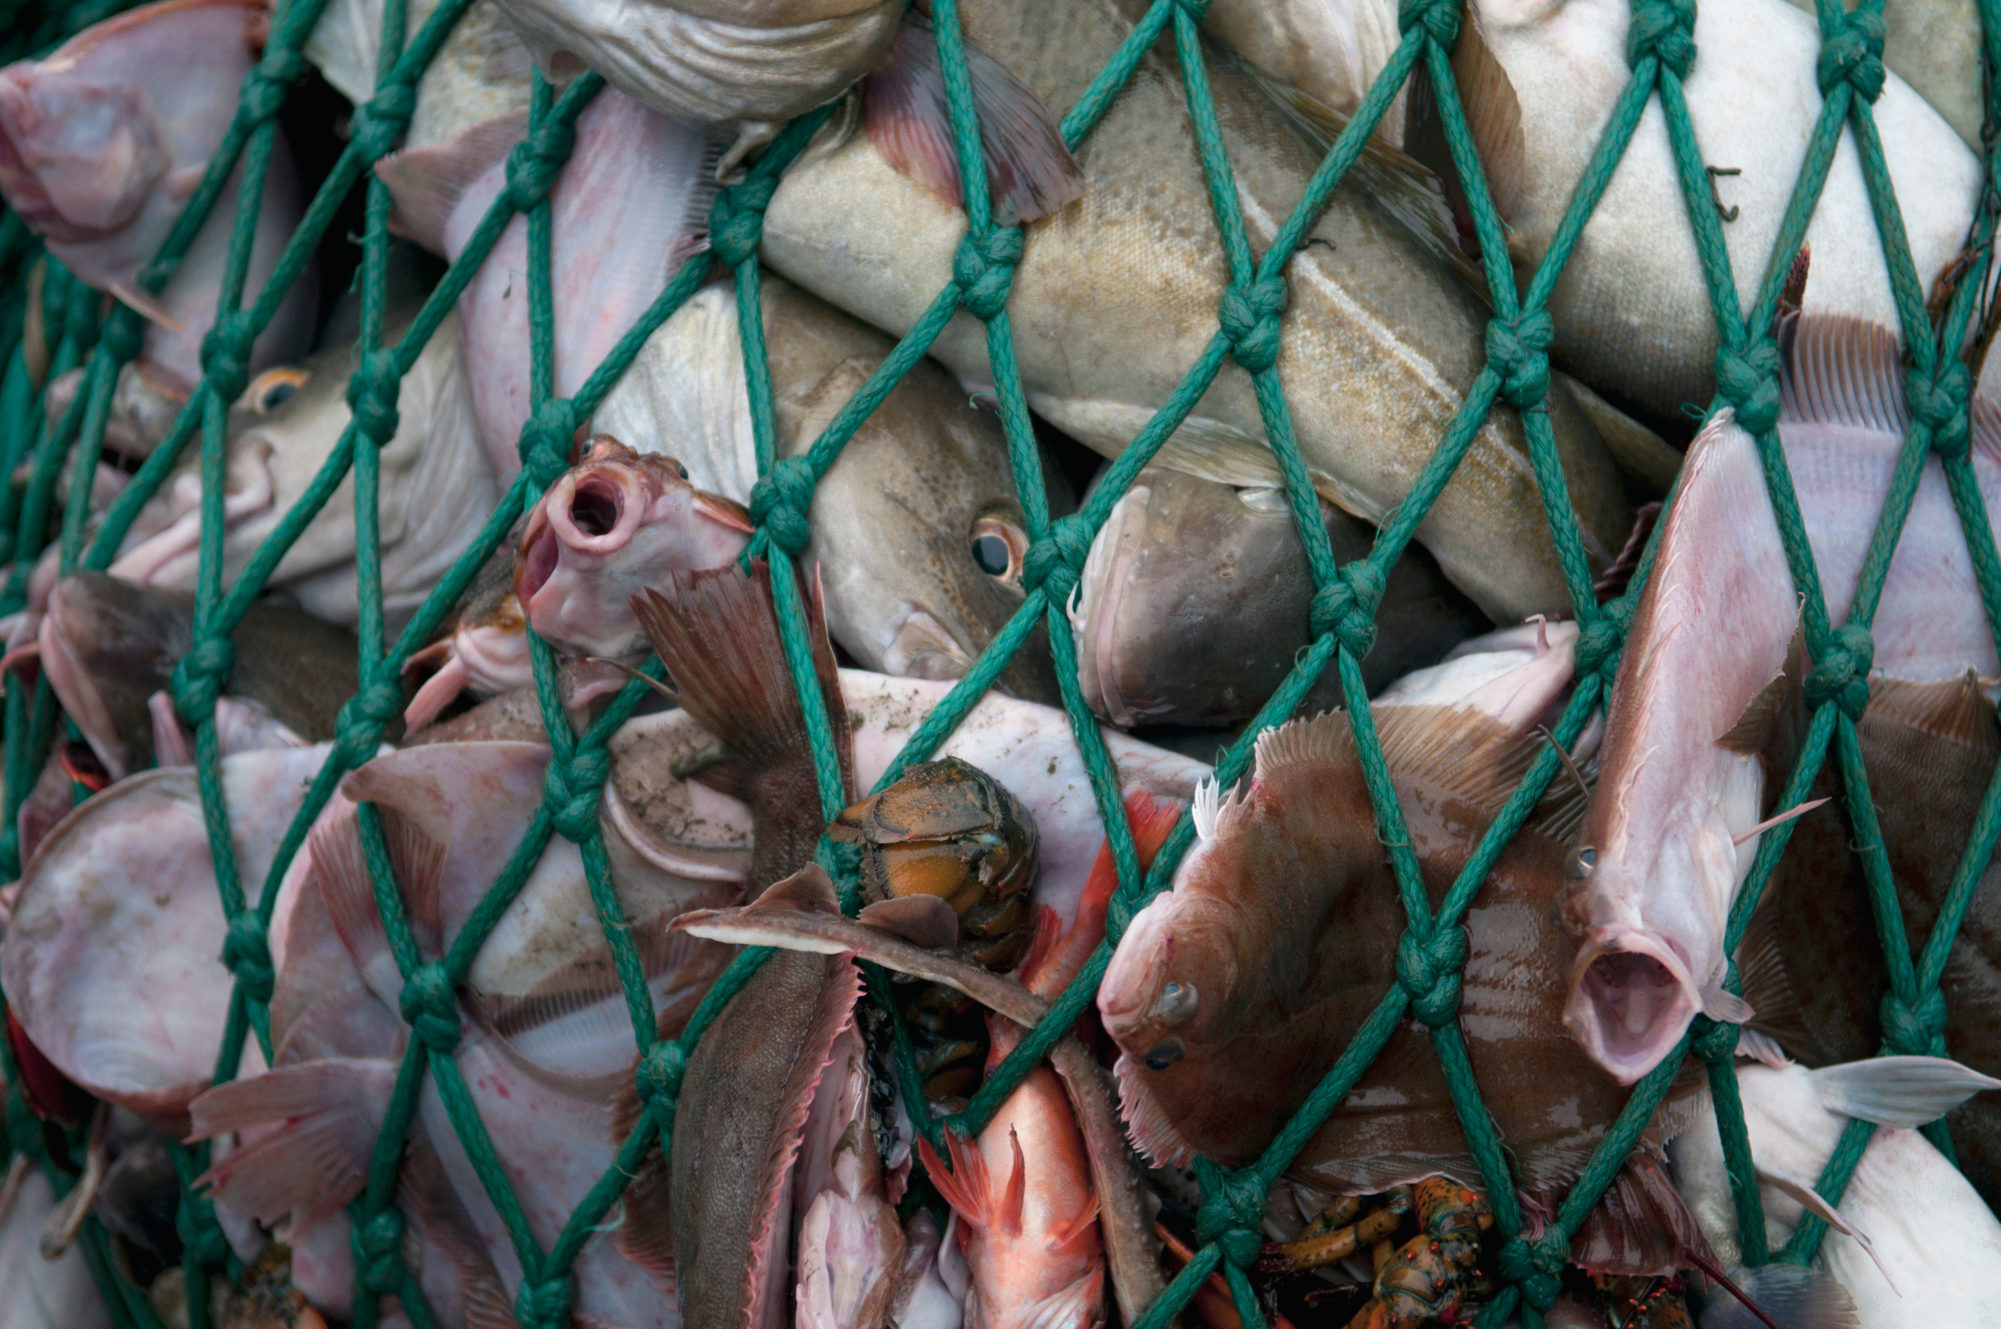 Fishing dragger hauls in net full of Atlantic Cod fish